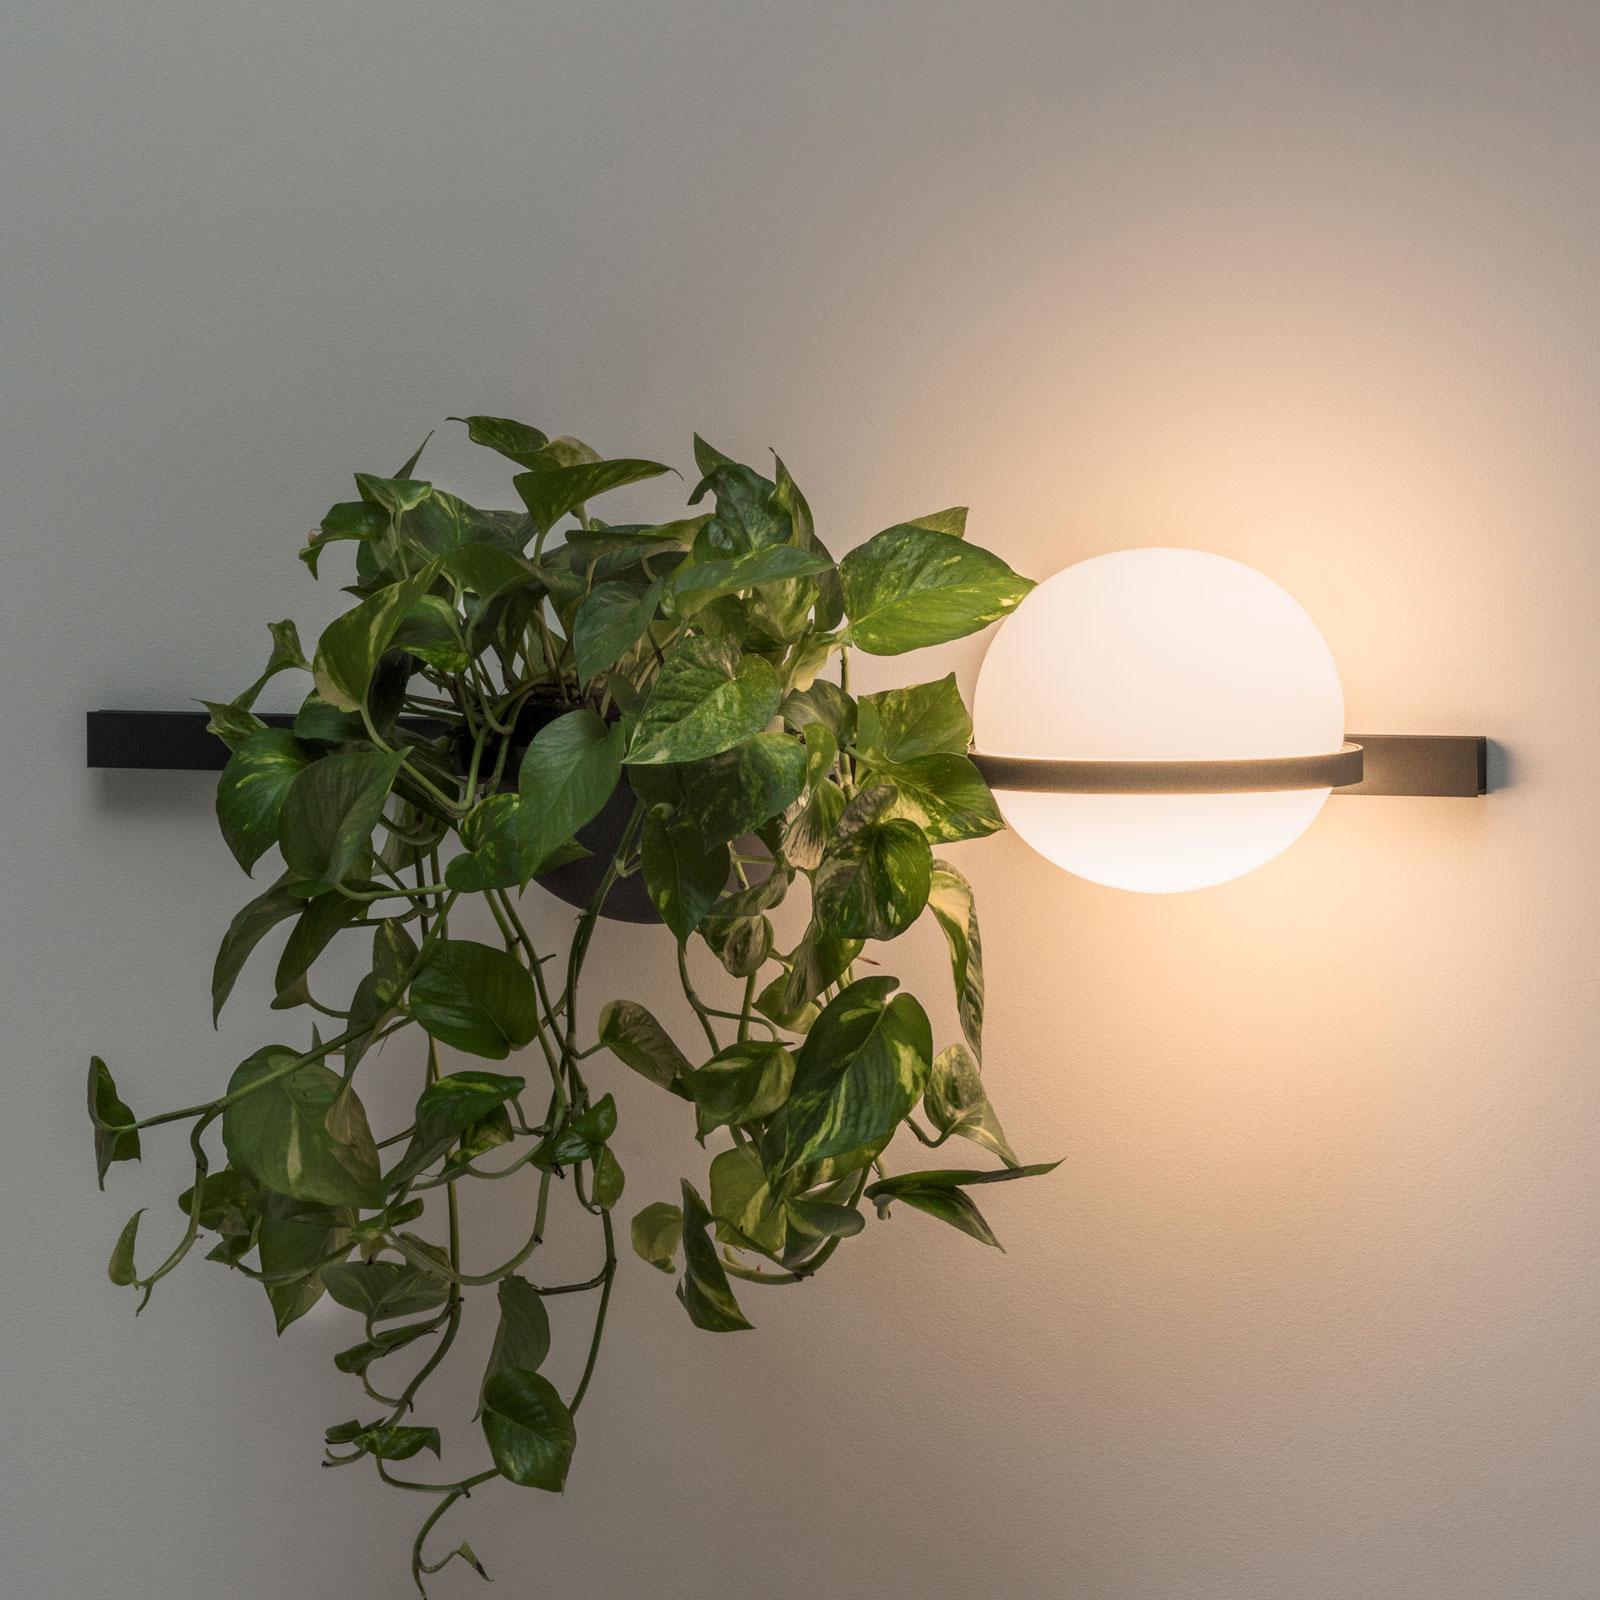 Vibia Palma 3702 applique, bac à plantes, graphite